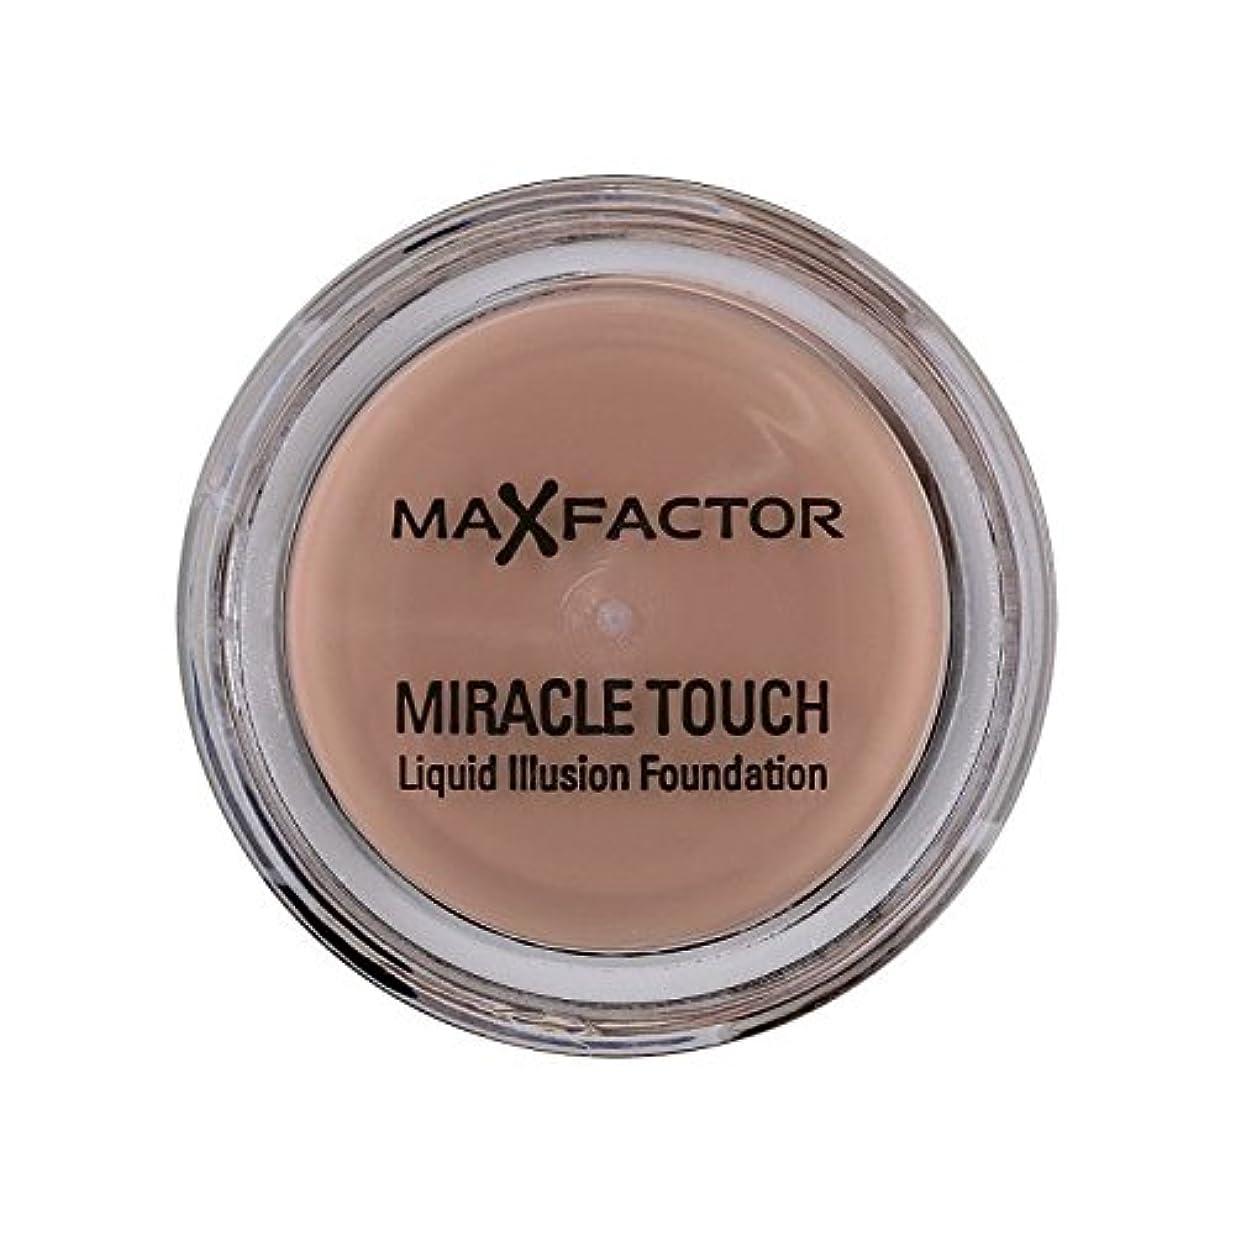 アライメントバドミントン通知マックスファクターの奇跡のタッチ基盤の自然70 x2 - Max Factor Miracle Touch Foundation Natural 70 (Pack of 2) [並行輸入品]